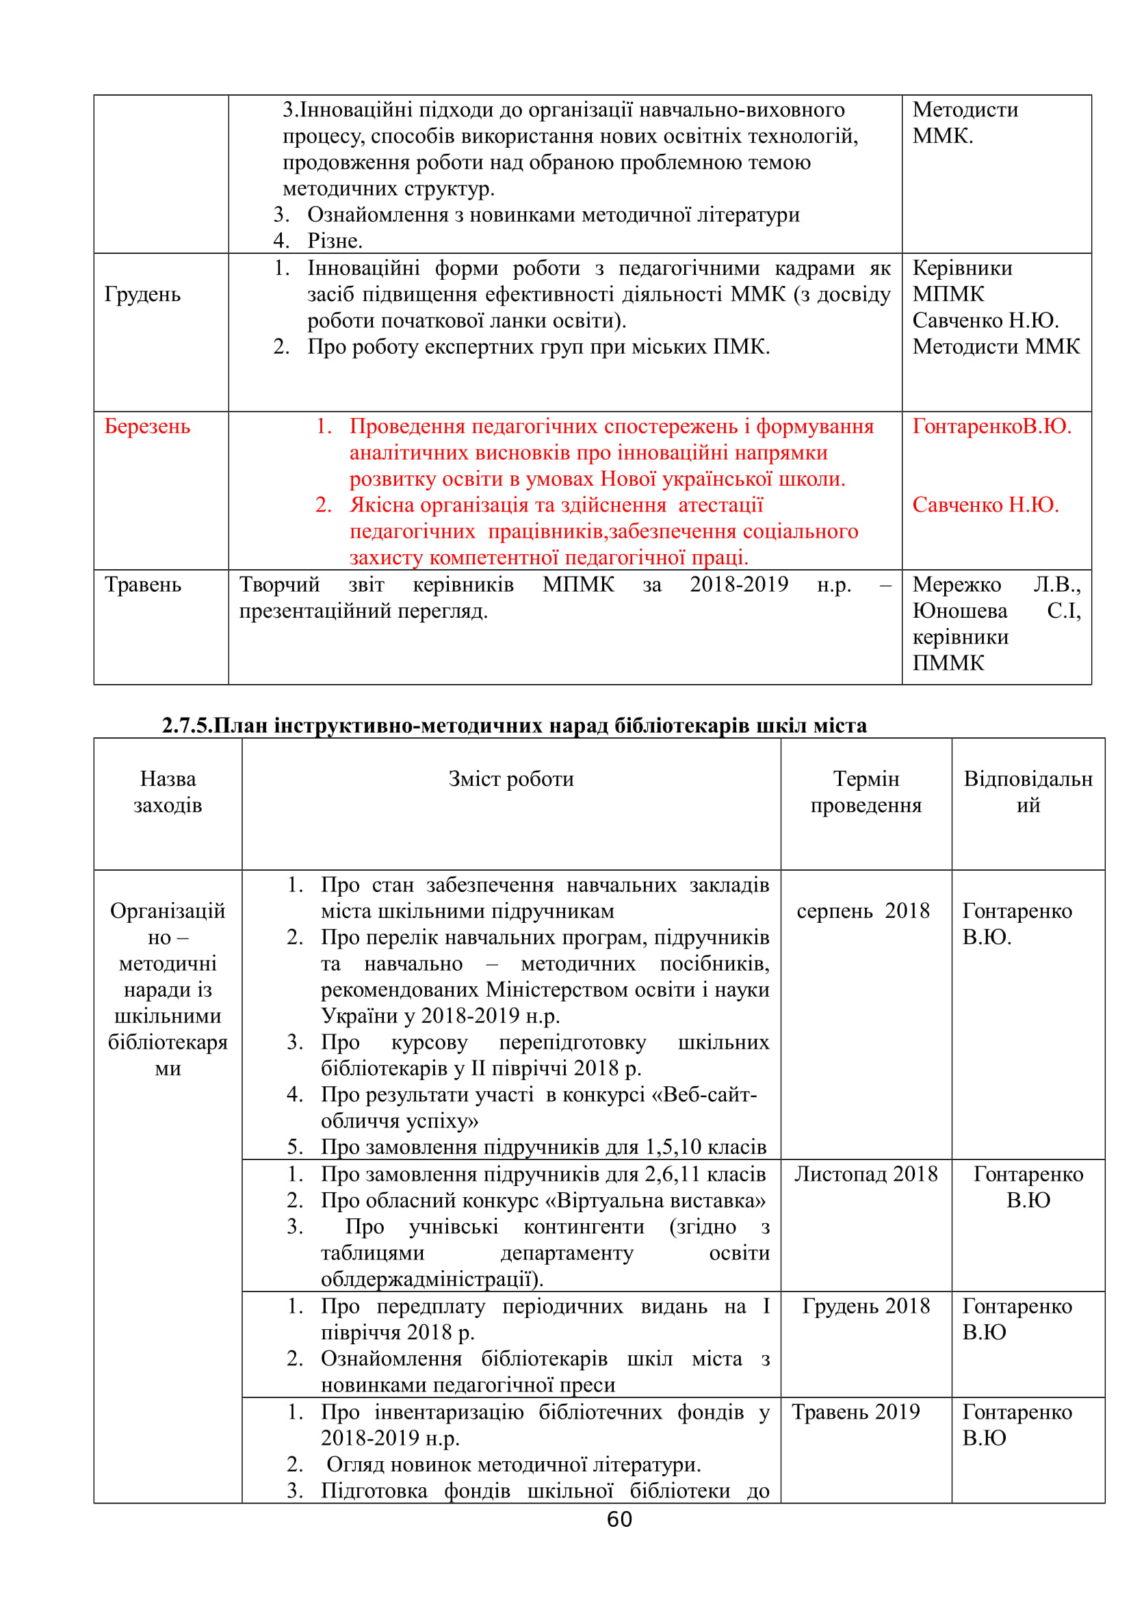 Костянтинівка 2018-2019 - ММК план роботи-61